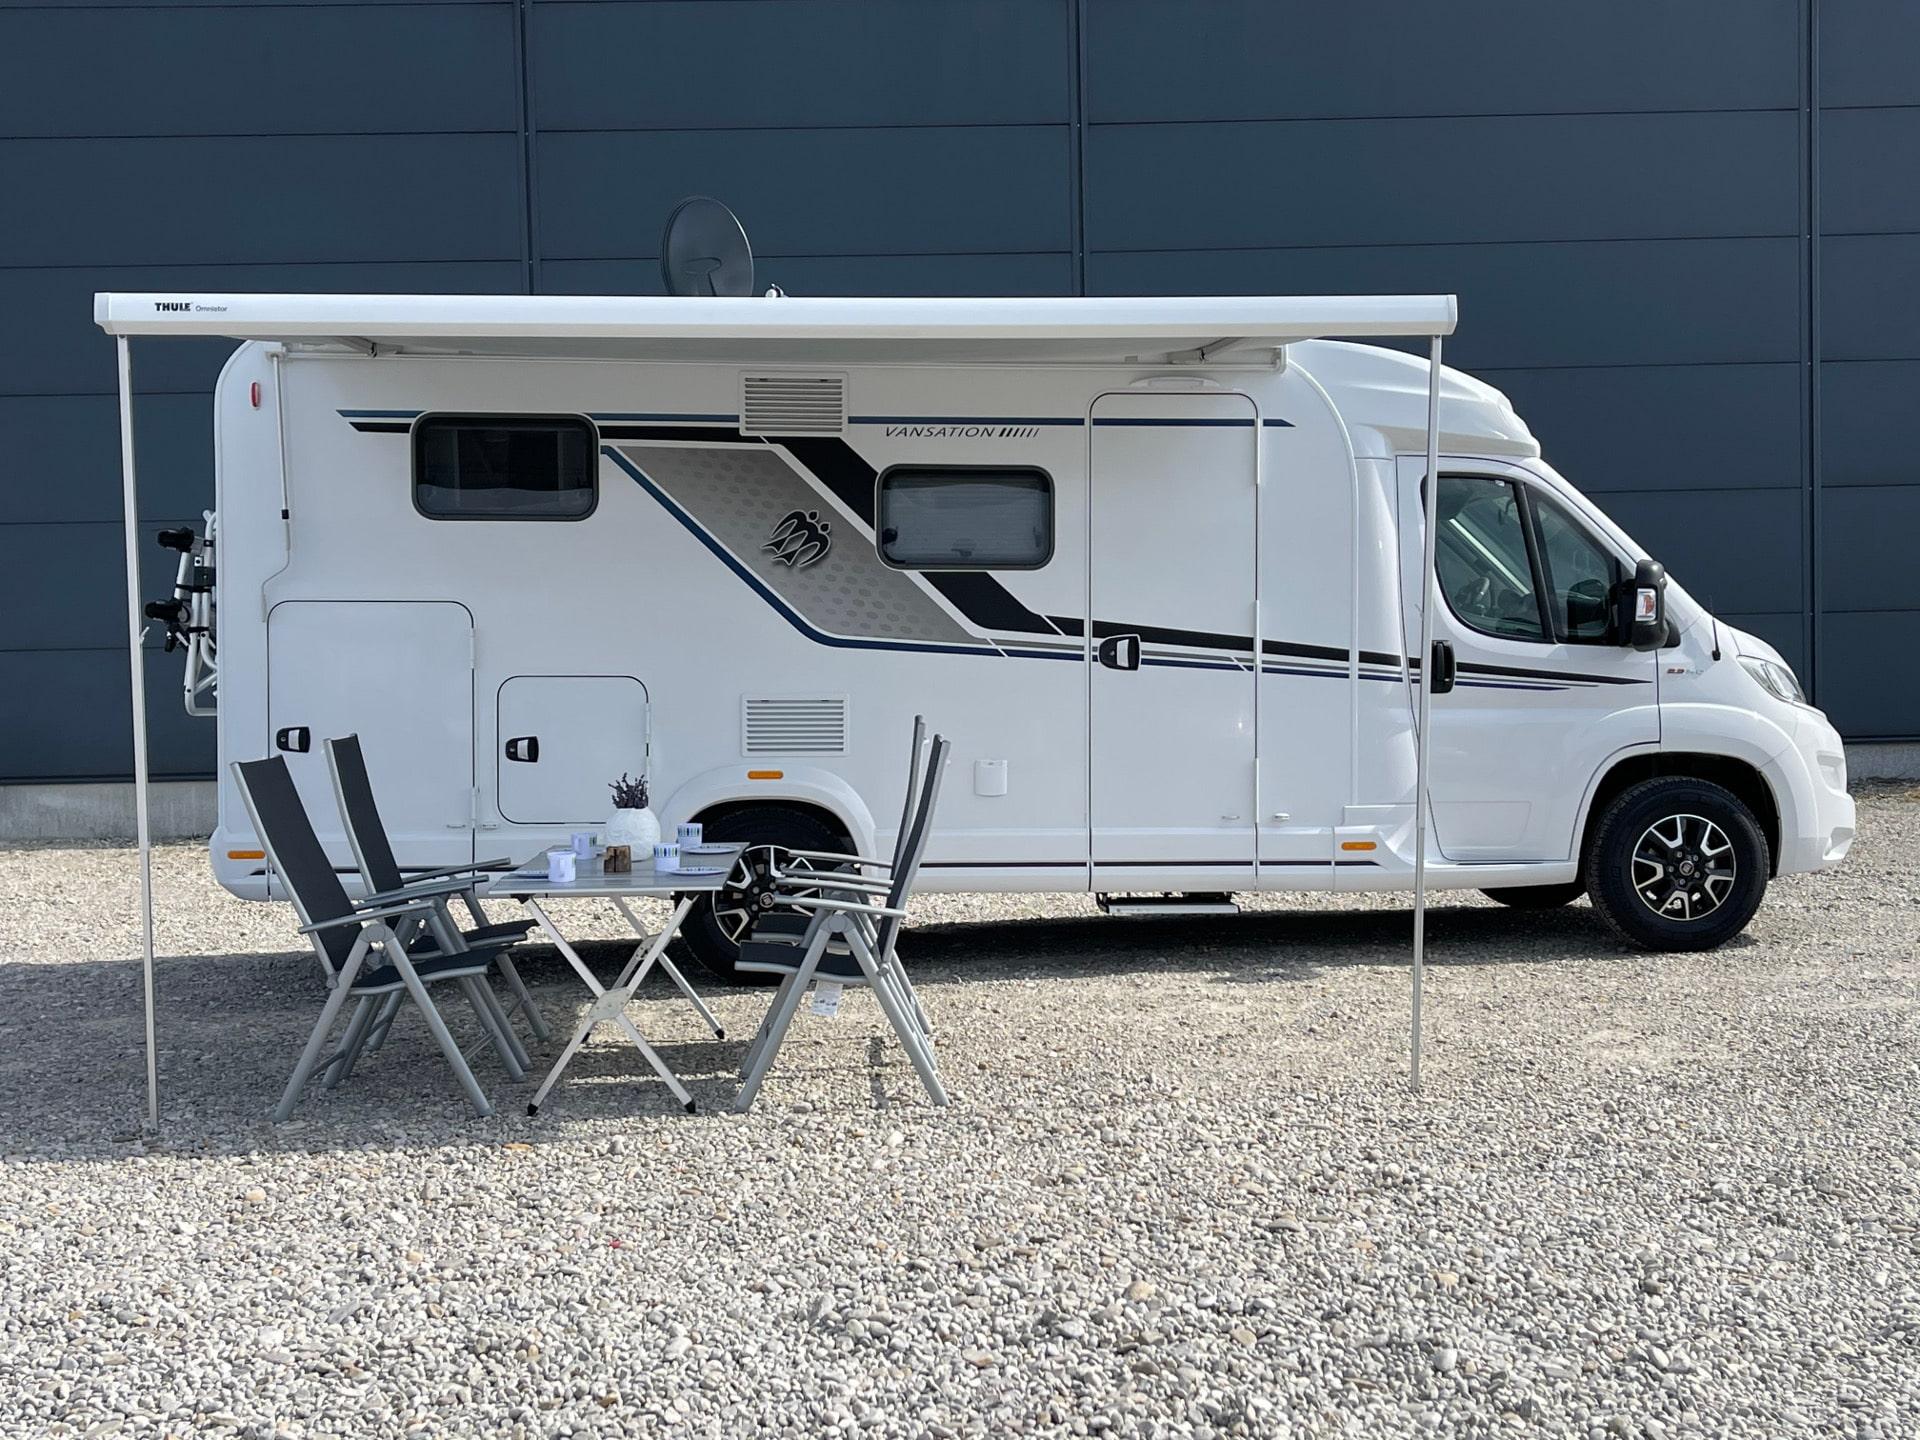 KNAUS VAN TI 650 MEG VANSATION Wohnmobilvermietung Haug Muenchen Haug